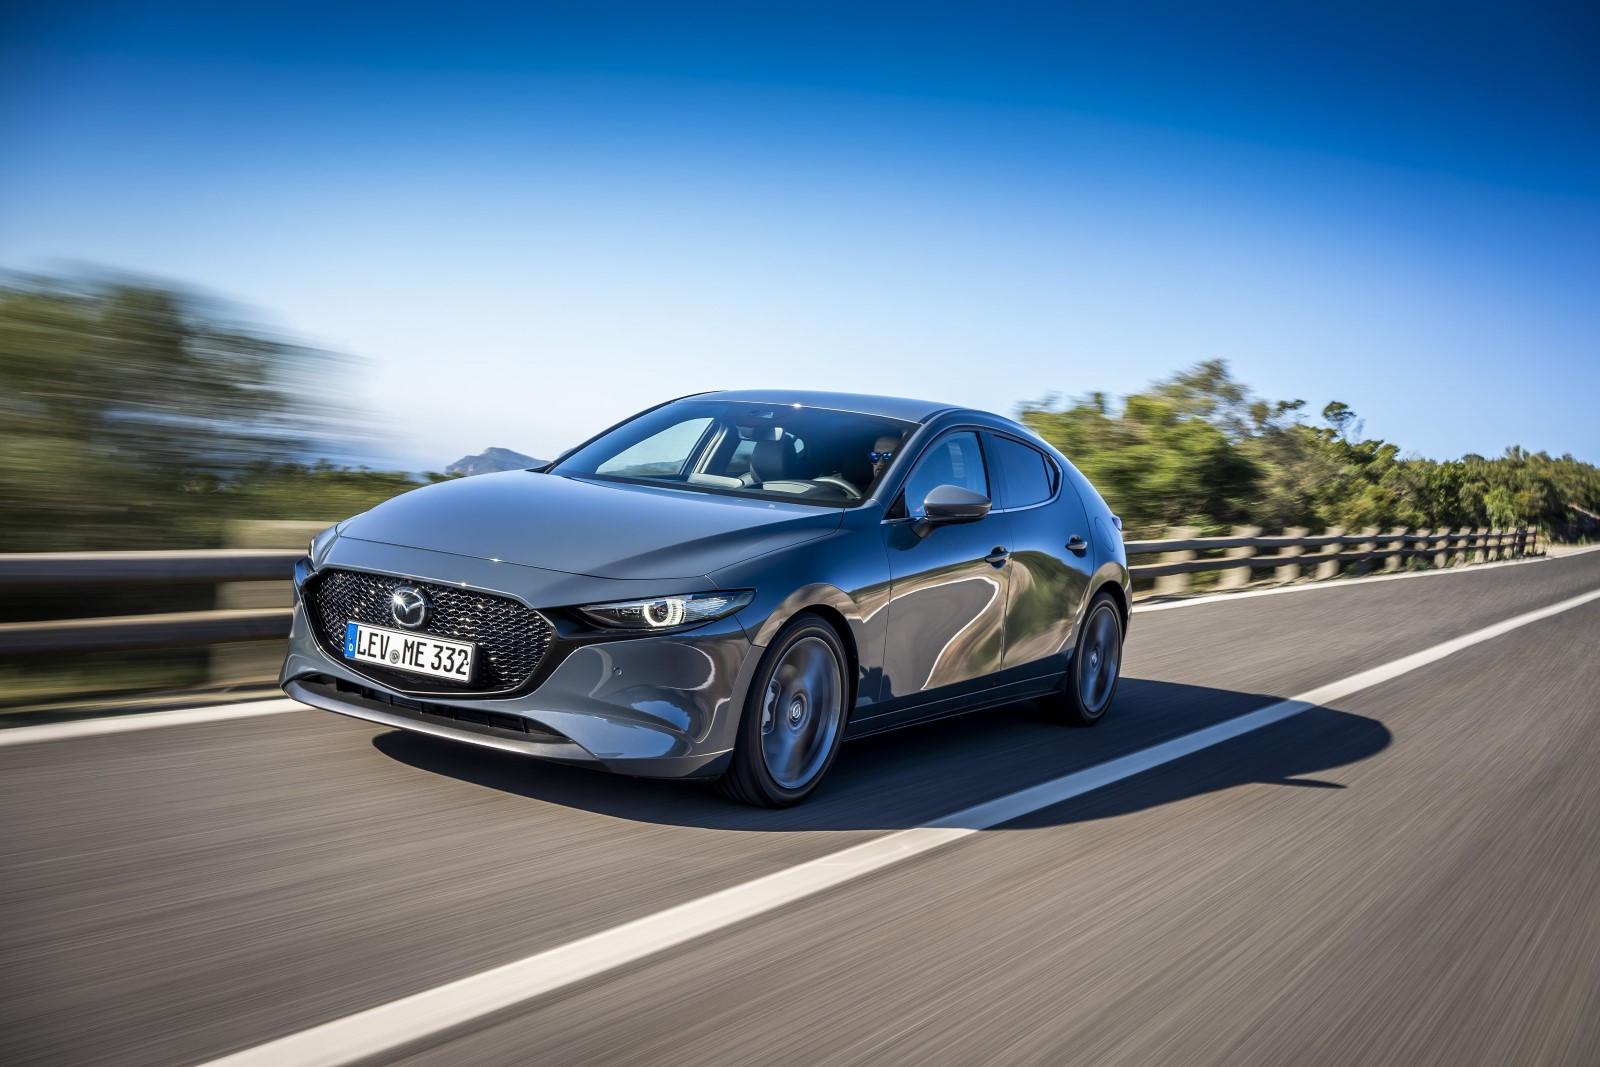 Премиера за целосно новата Mazda3 / ФОТО+ВИДЕО